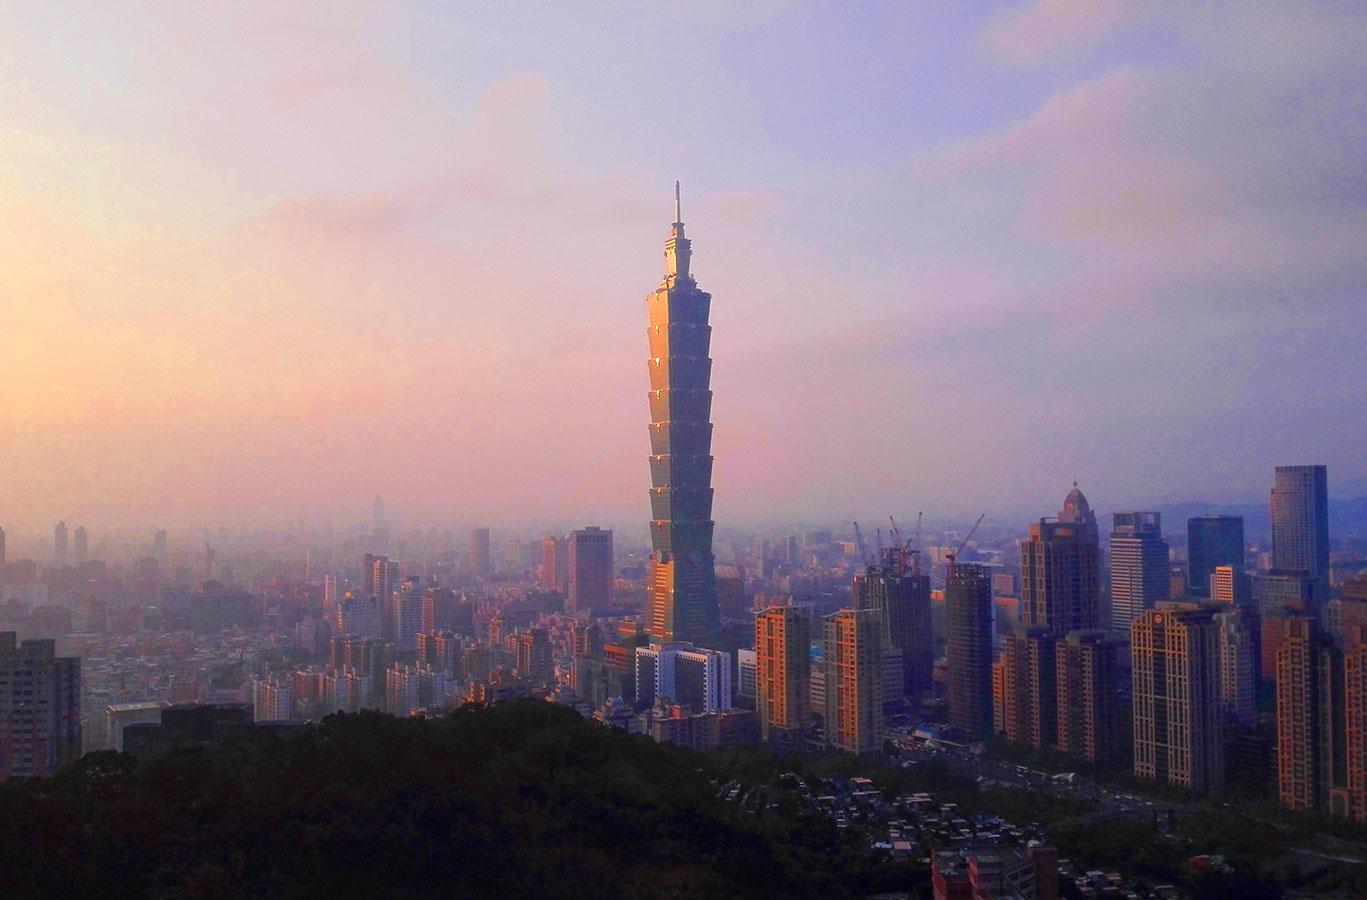 台北観光穴場スポット 象山自然歩道からの景色